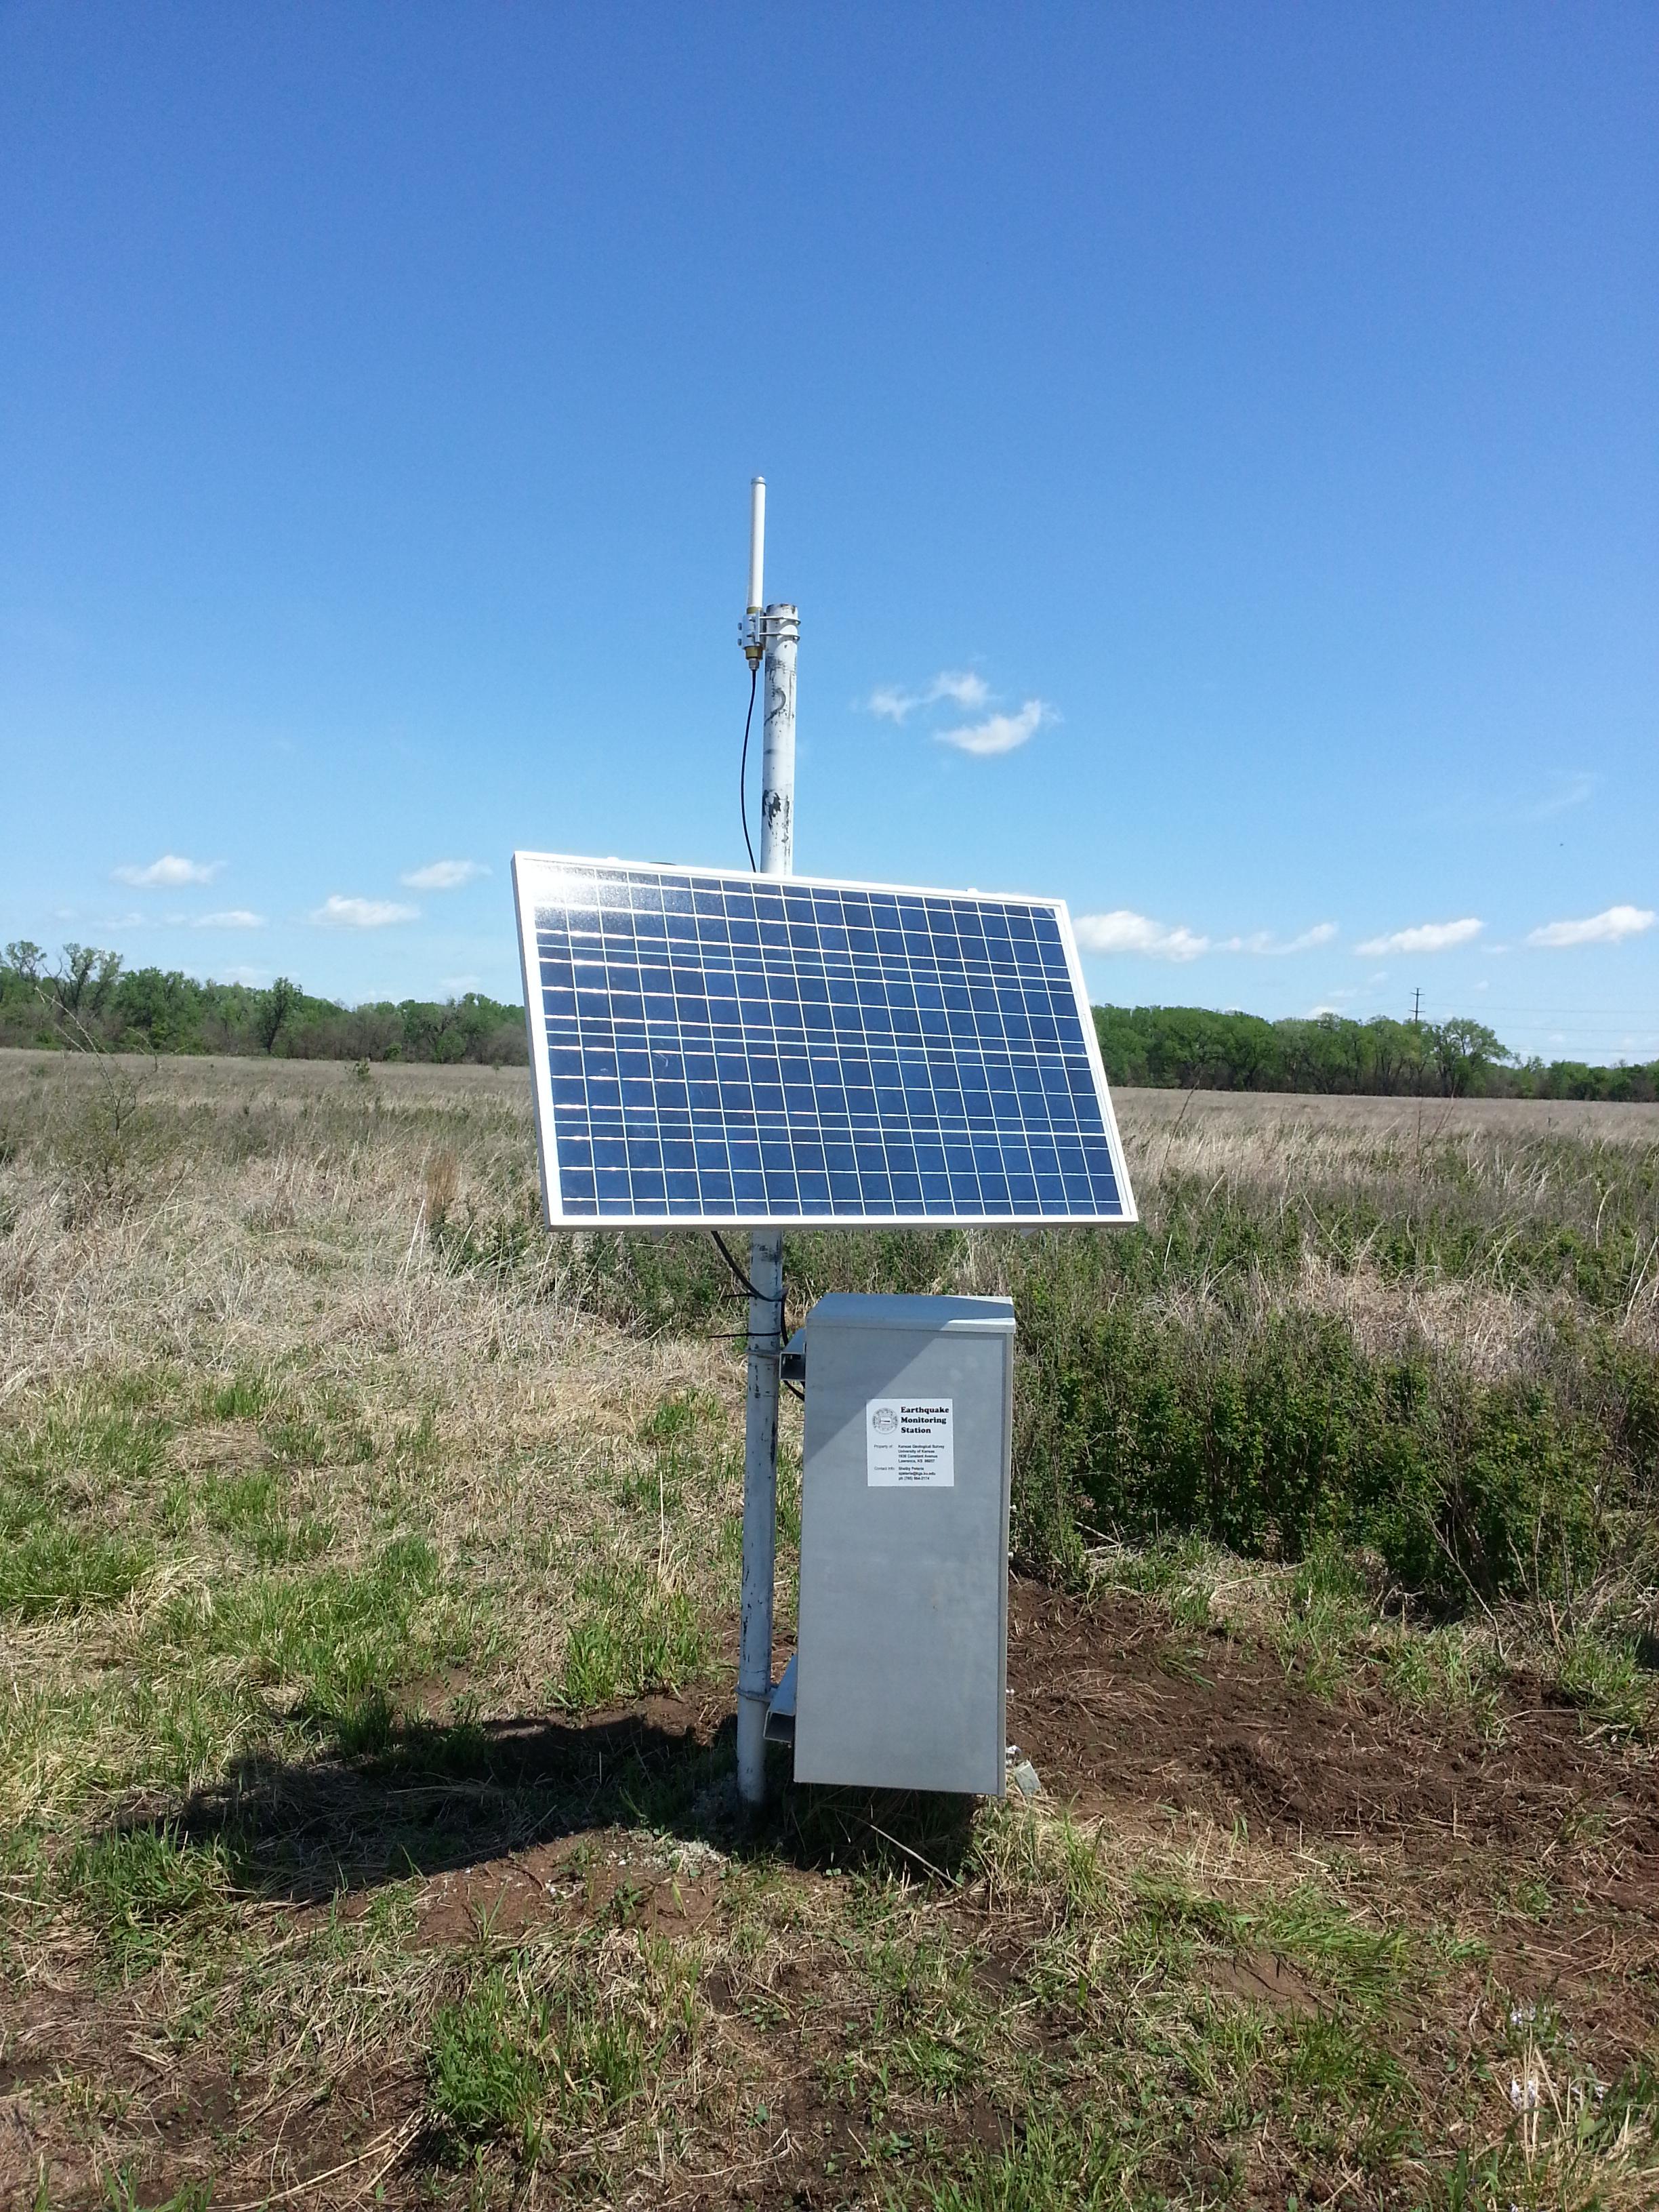 Kgs kansas earthquakes seismometer network for Kansas solar installers